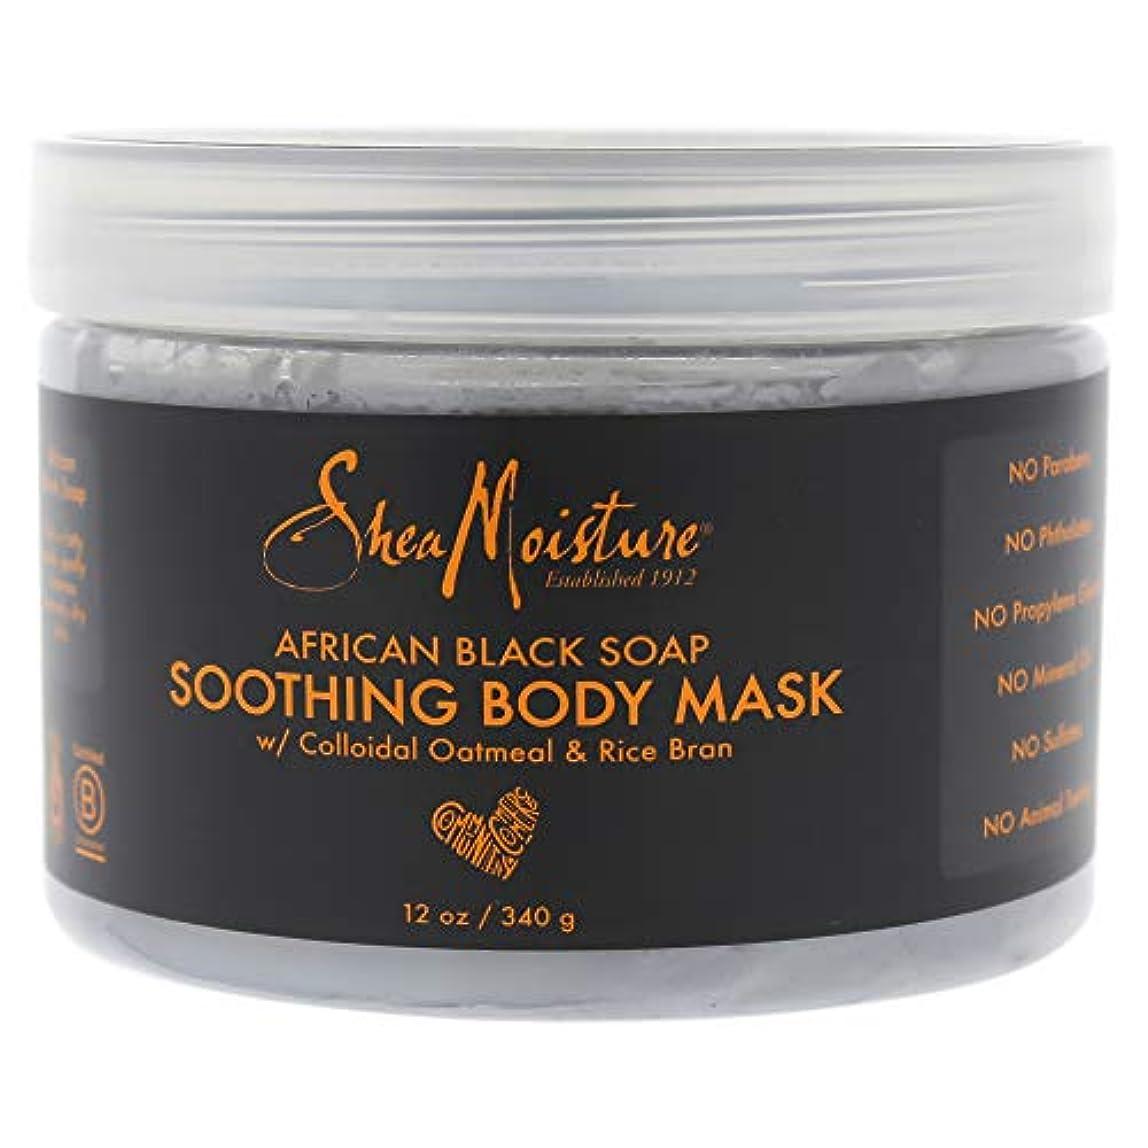 ふくろうスペクトラム虫を数えるAfrican Black Soap Soothing Body Mask